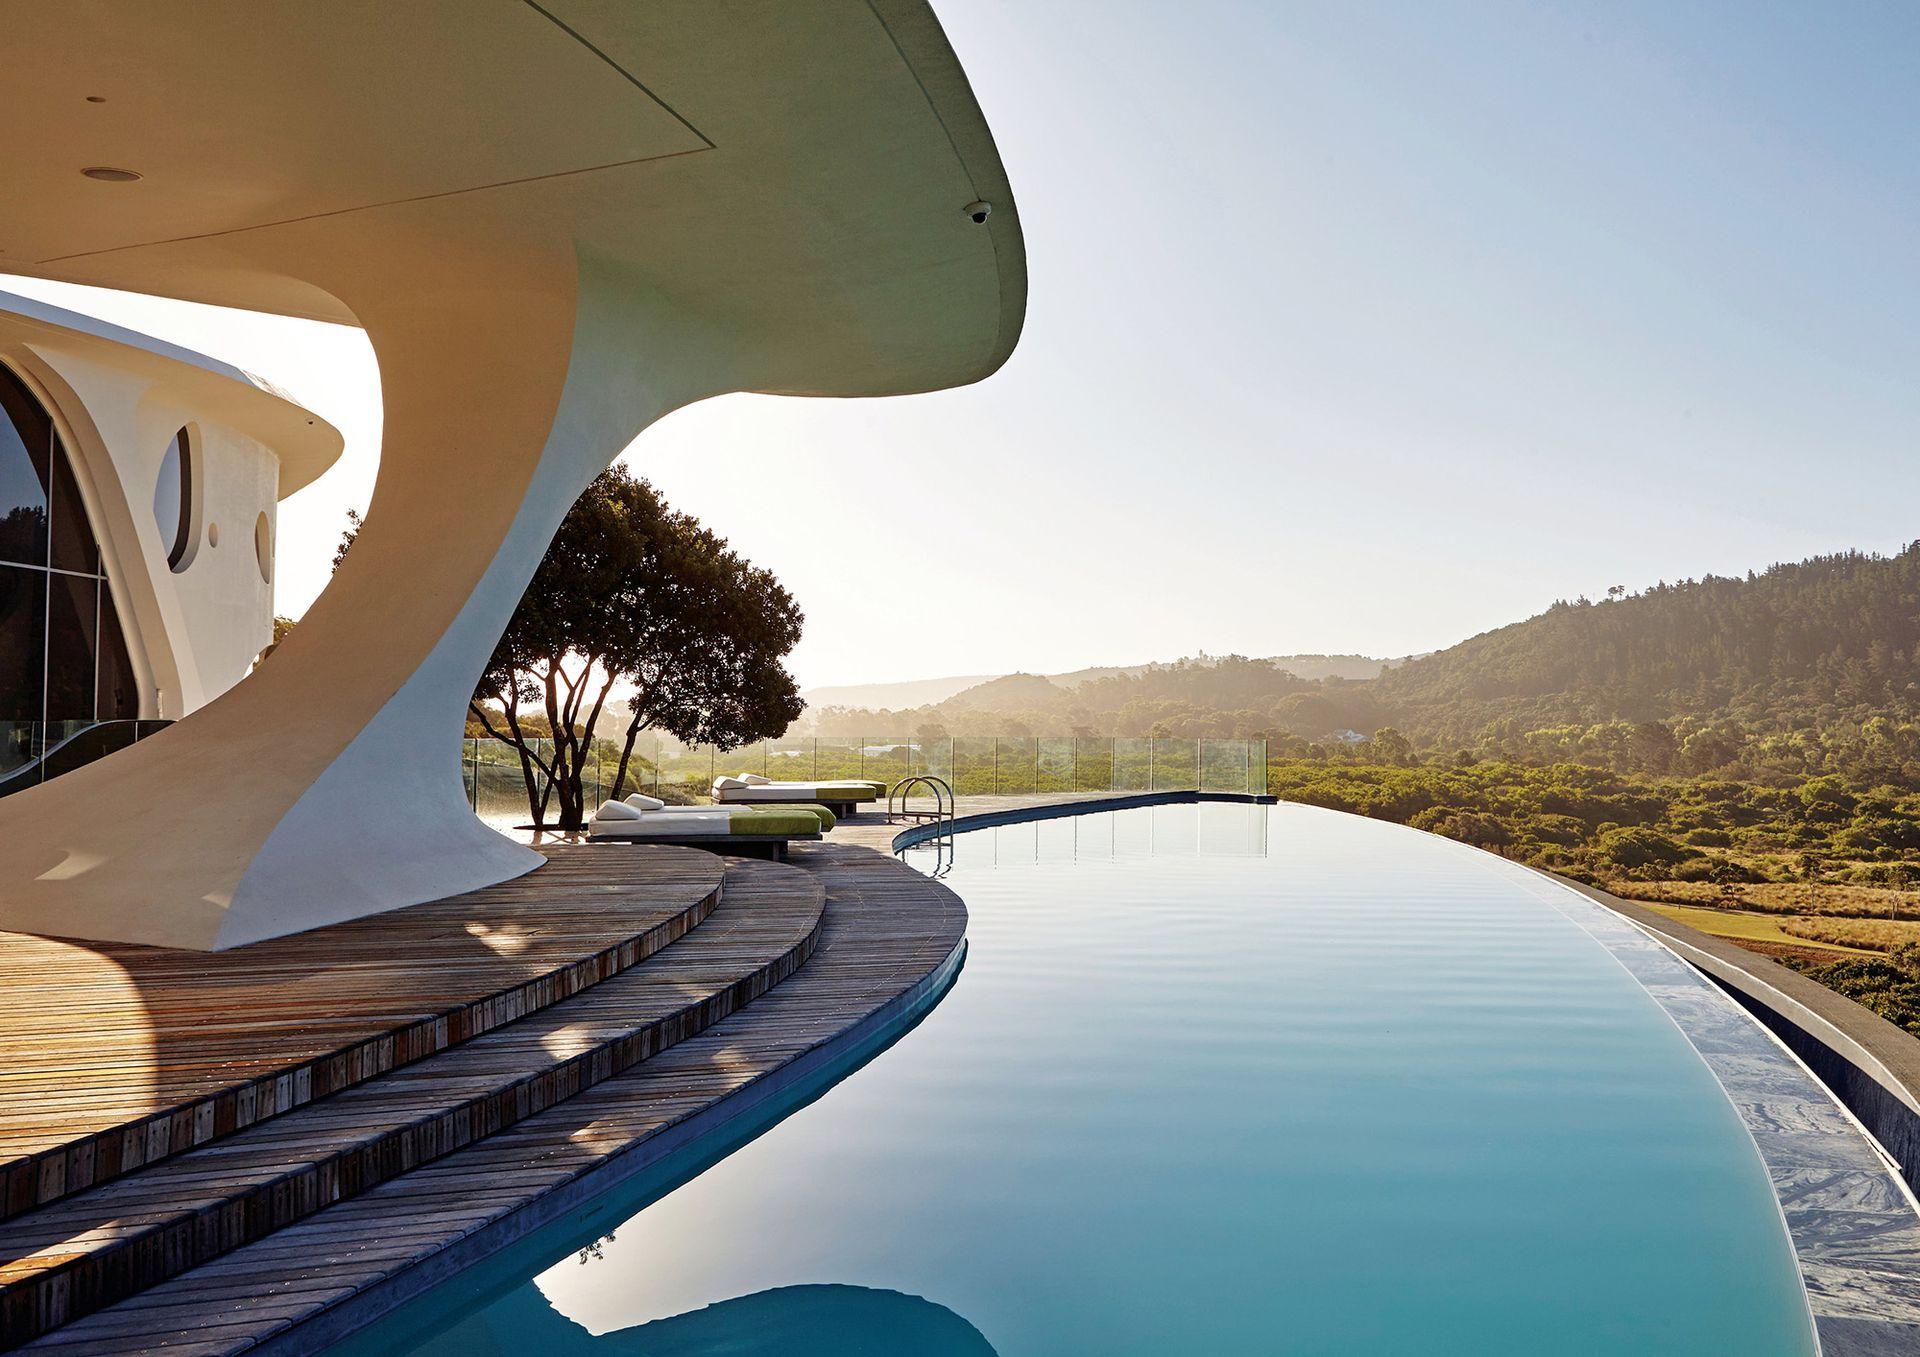 El agua de la pileta ofrece una perfecta transición visual entre la arquitectura y la naturaleza que la rodea.